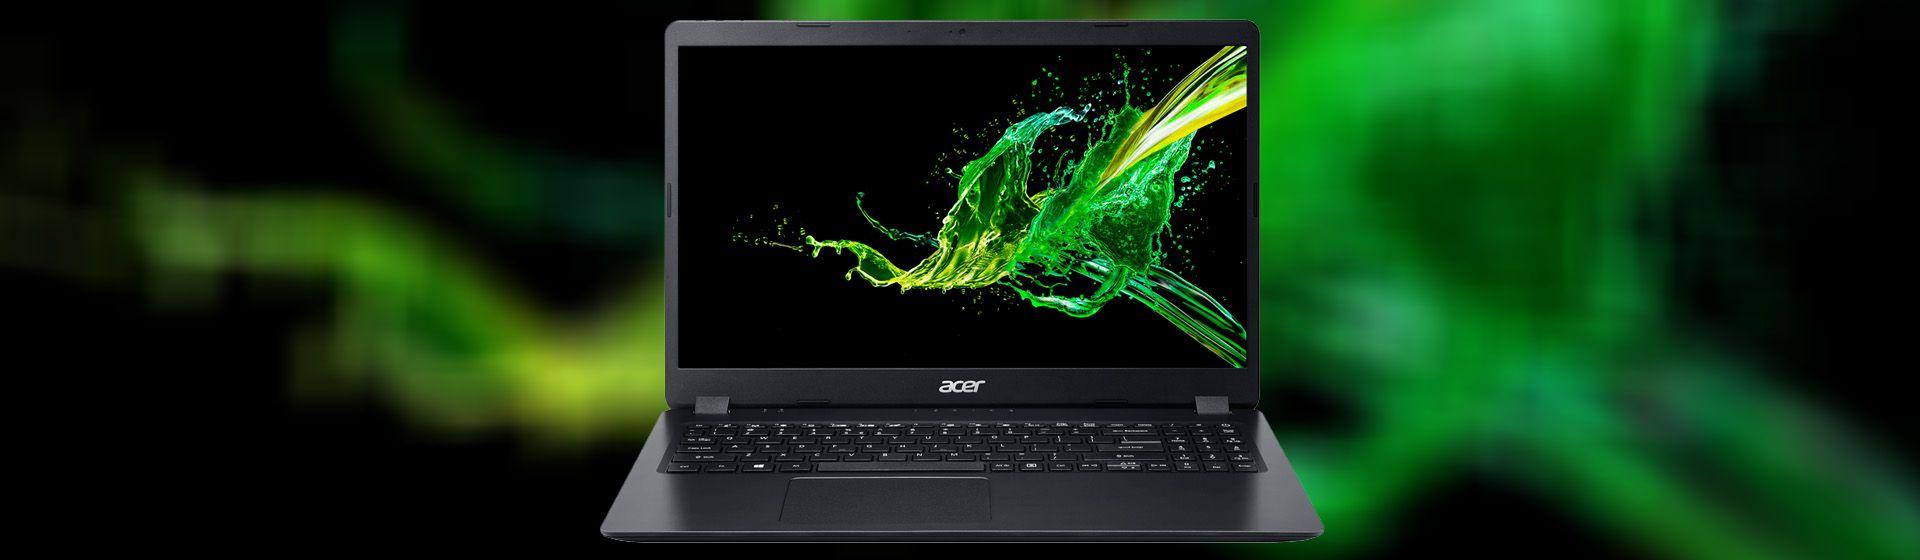 Acer Aspire 3 (Intel Celeron) é bom? Analisamos o notebook barato